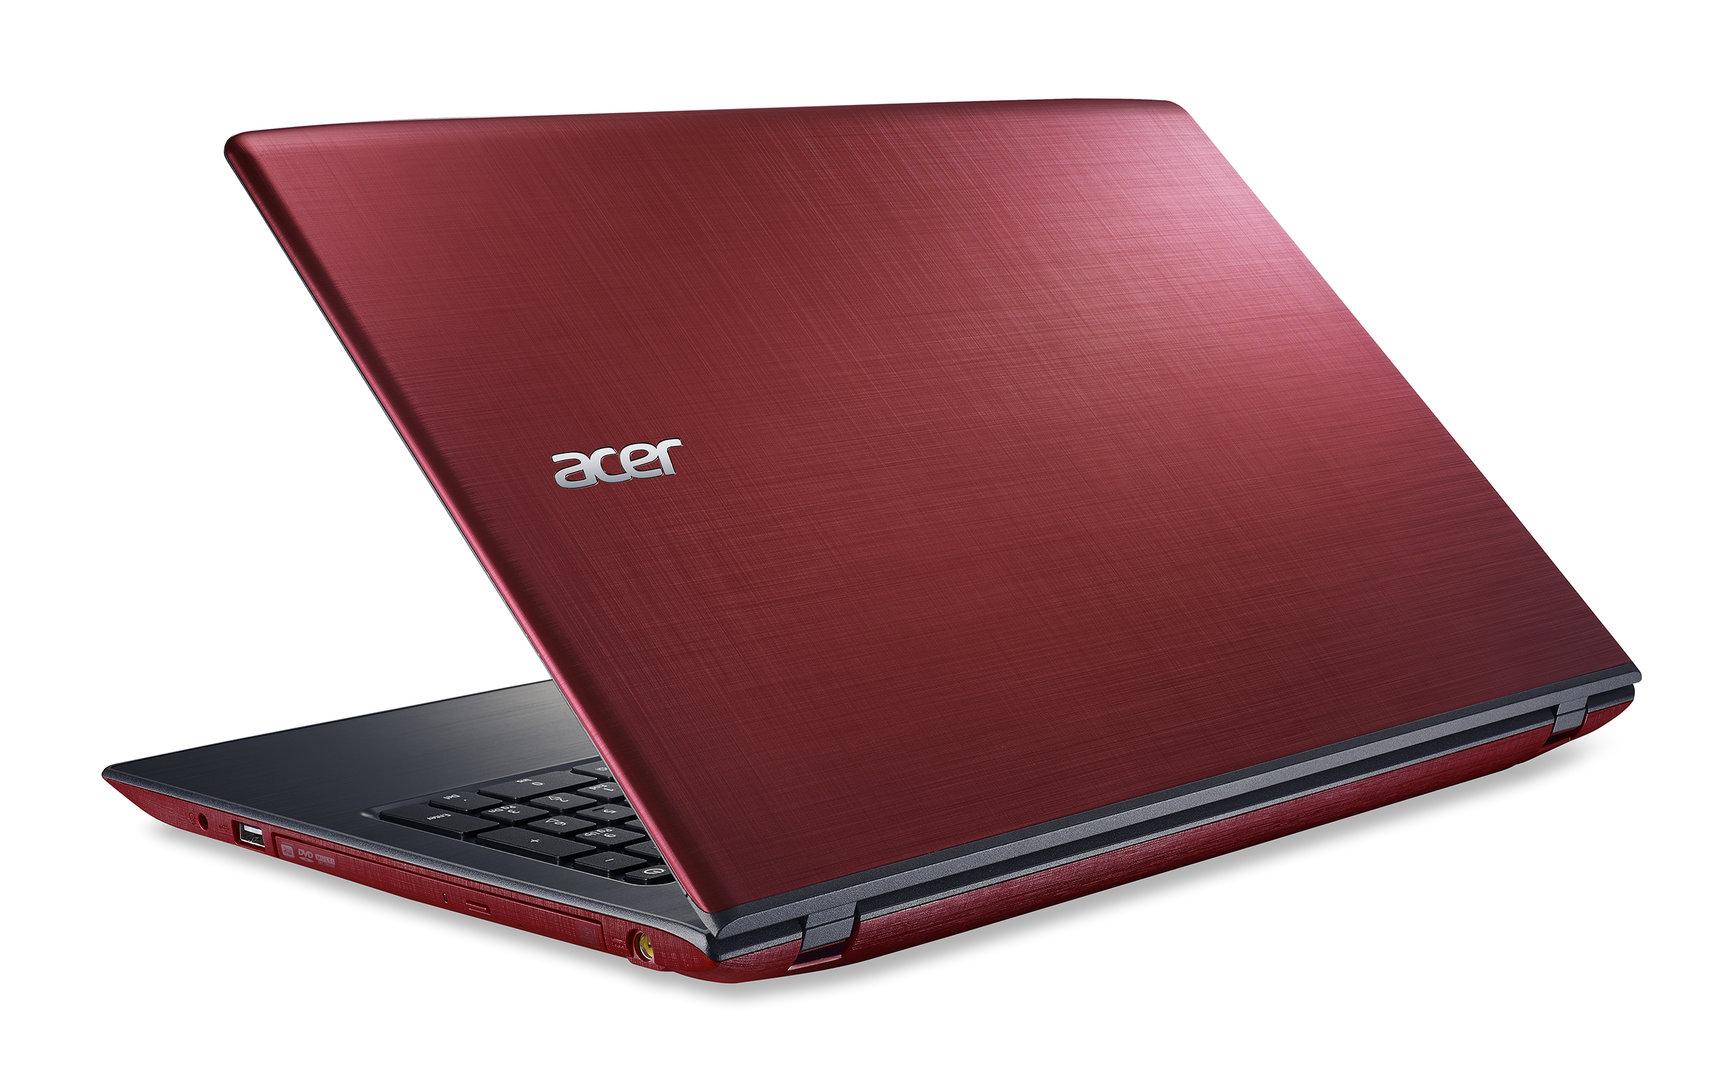 Acer Aspire E 15 Rococo Red